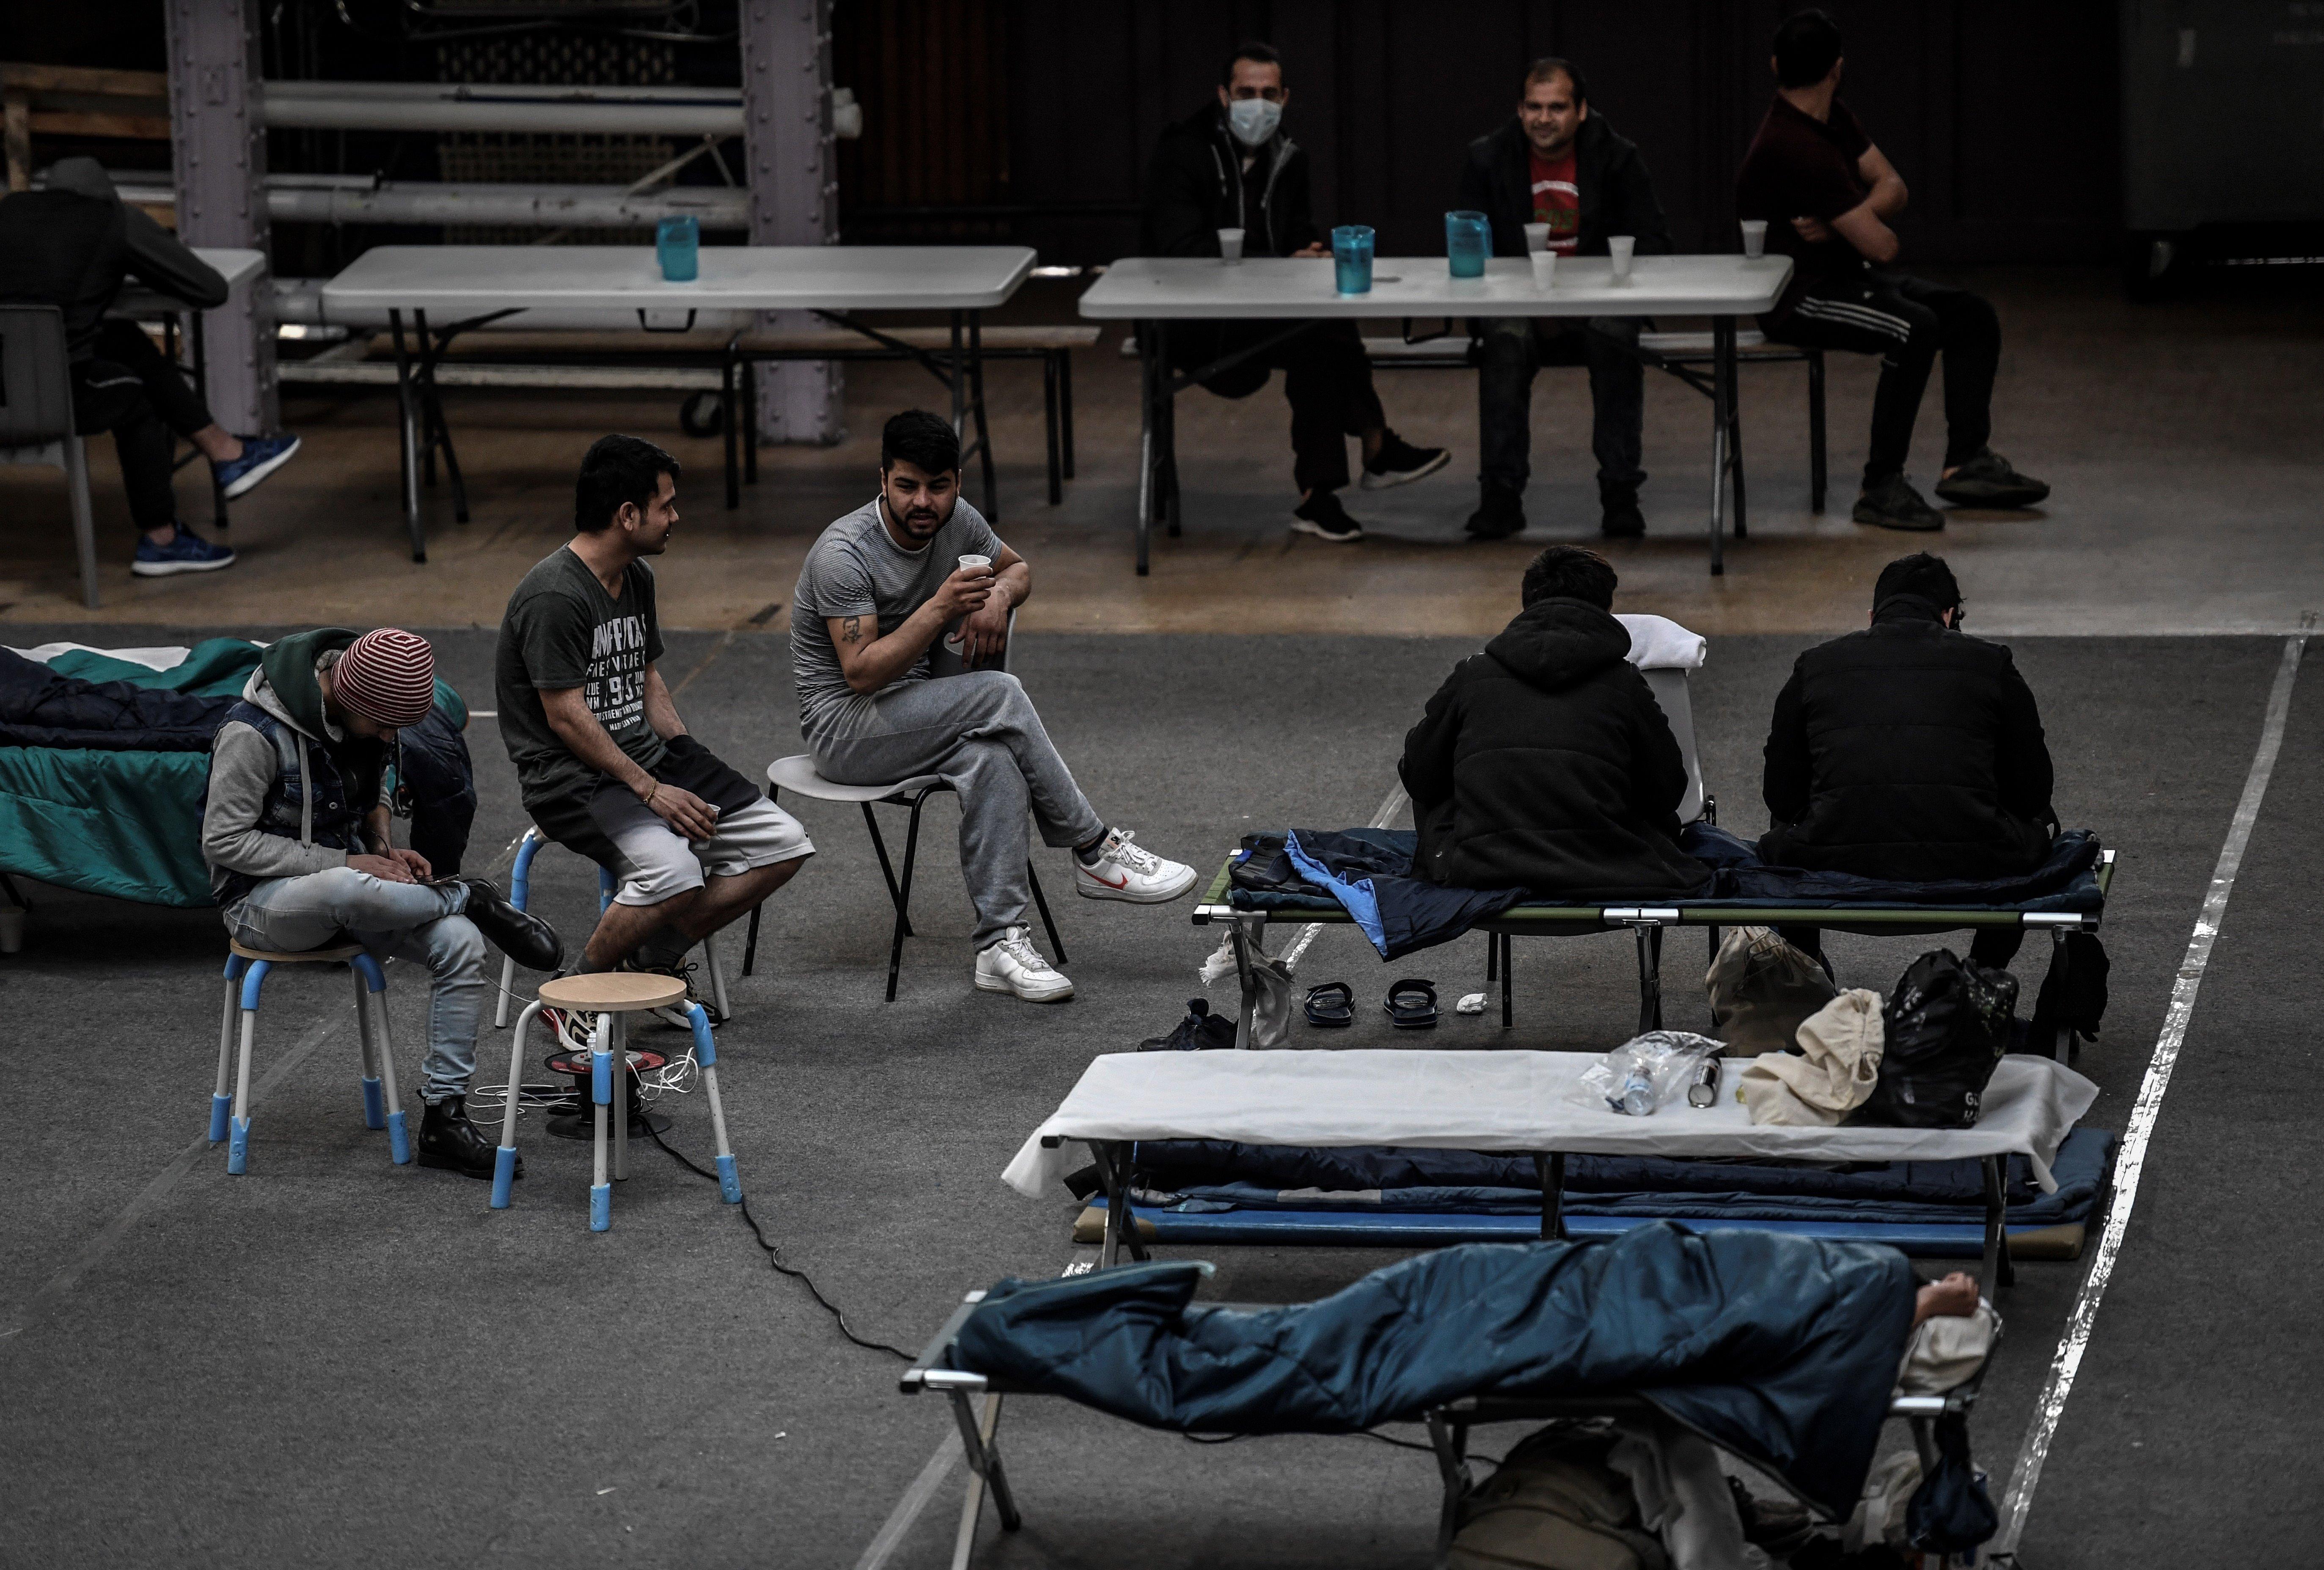 À l'image de ce gymnase utilisé pour héberger des migrants au mois de mars, au plus fort de l'épidémie,...